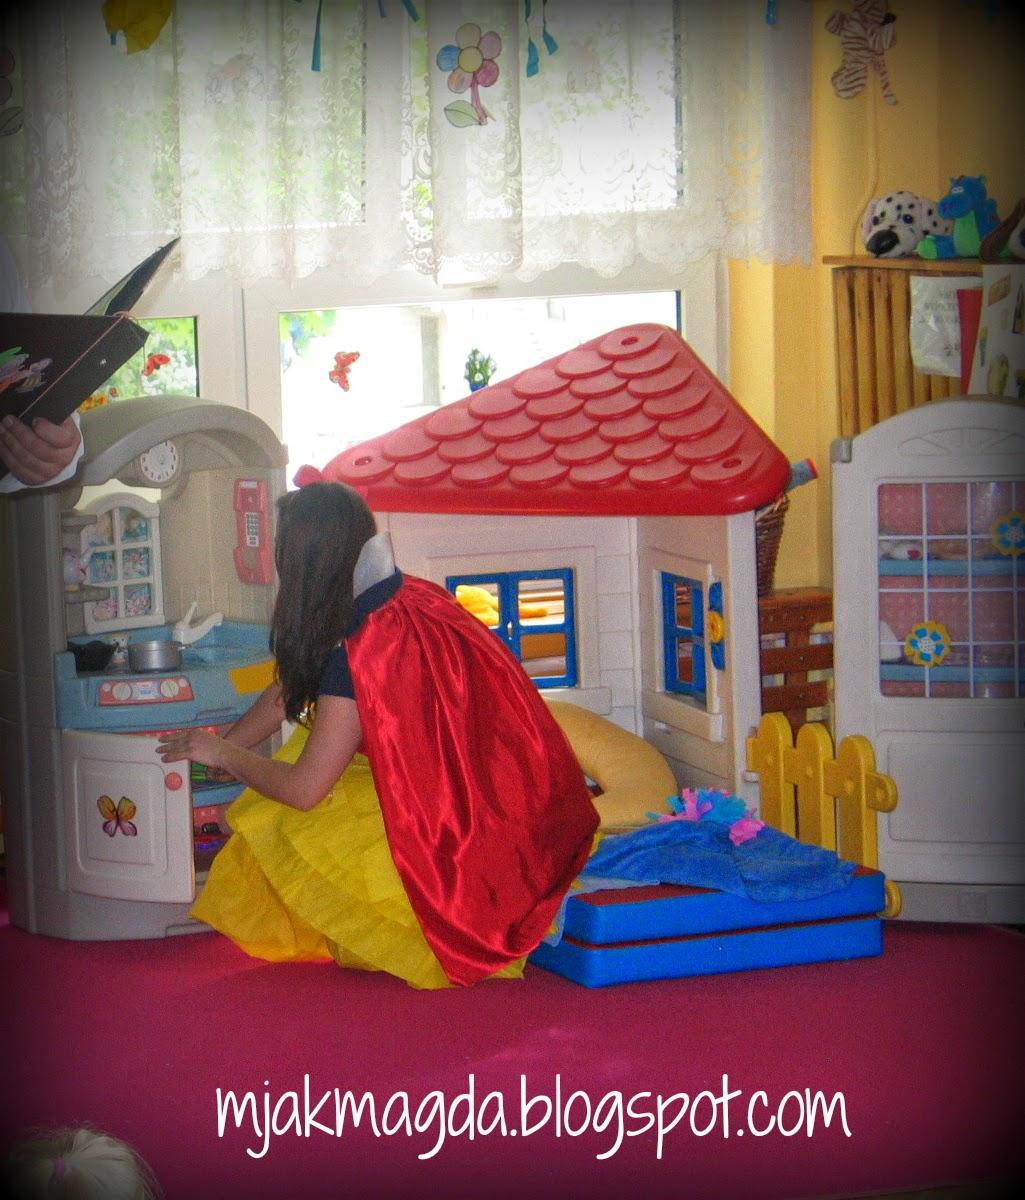 królewna, królowa, śnieżka, bajka, baśń, kraina, baśni, bajka, opowieść, przedstawienie, teatrzyk, krasnale, krasnoludki, strój, przebranie, krepina, DIY, handmade, peleryna, czerwona, opaska, kokarda, spódnica z krepiny, dzieci, dla dzieci, rodzice, princess, queen, Snow White, a fairy tale, fairy tale, the land of fairy tales, fairy tale, story, performance, theater, gnomes, dwarfs, costume, disguise, fringe, DIY, handmade, cape, red, band, bow, skirt with crepe paper, children, for children, parents,